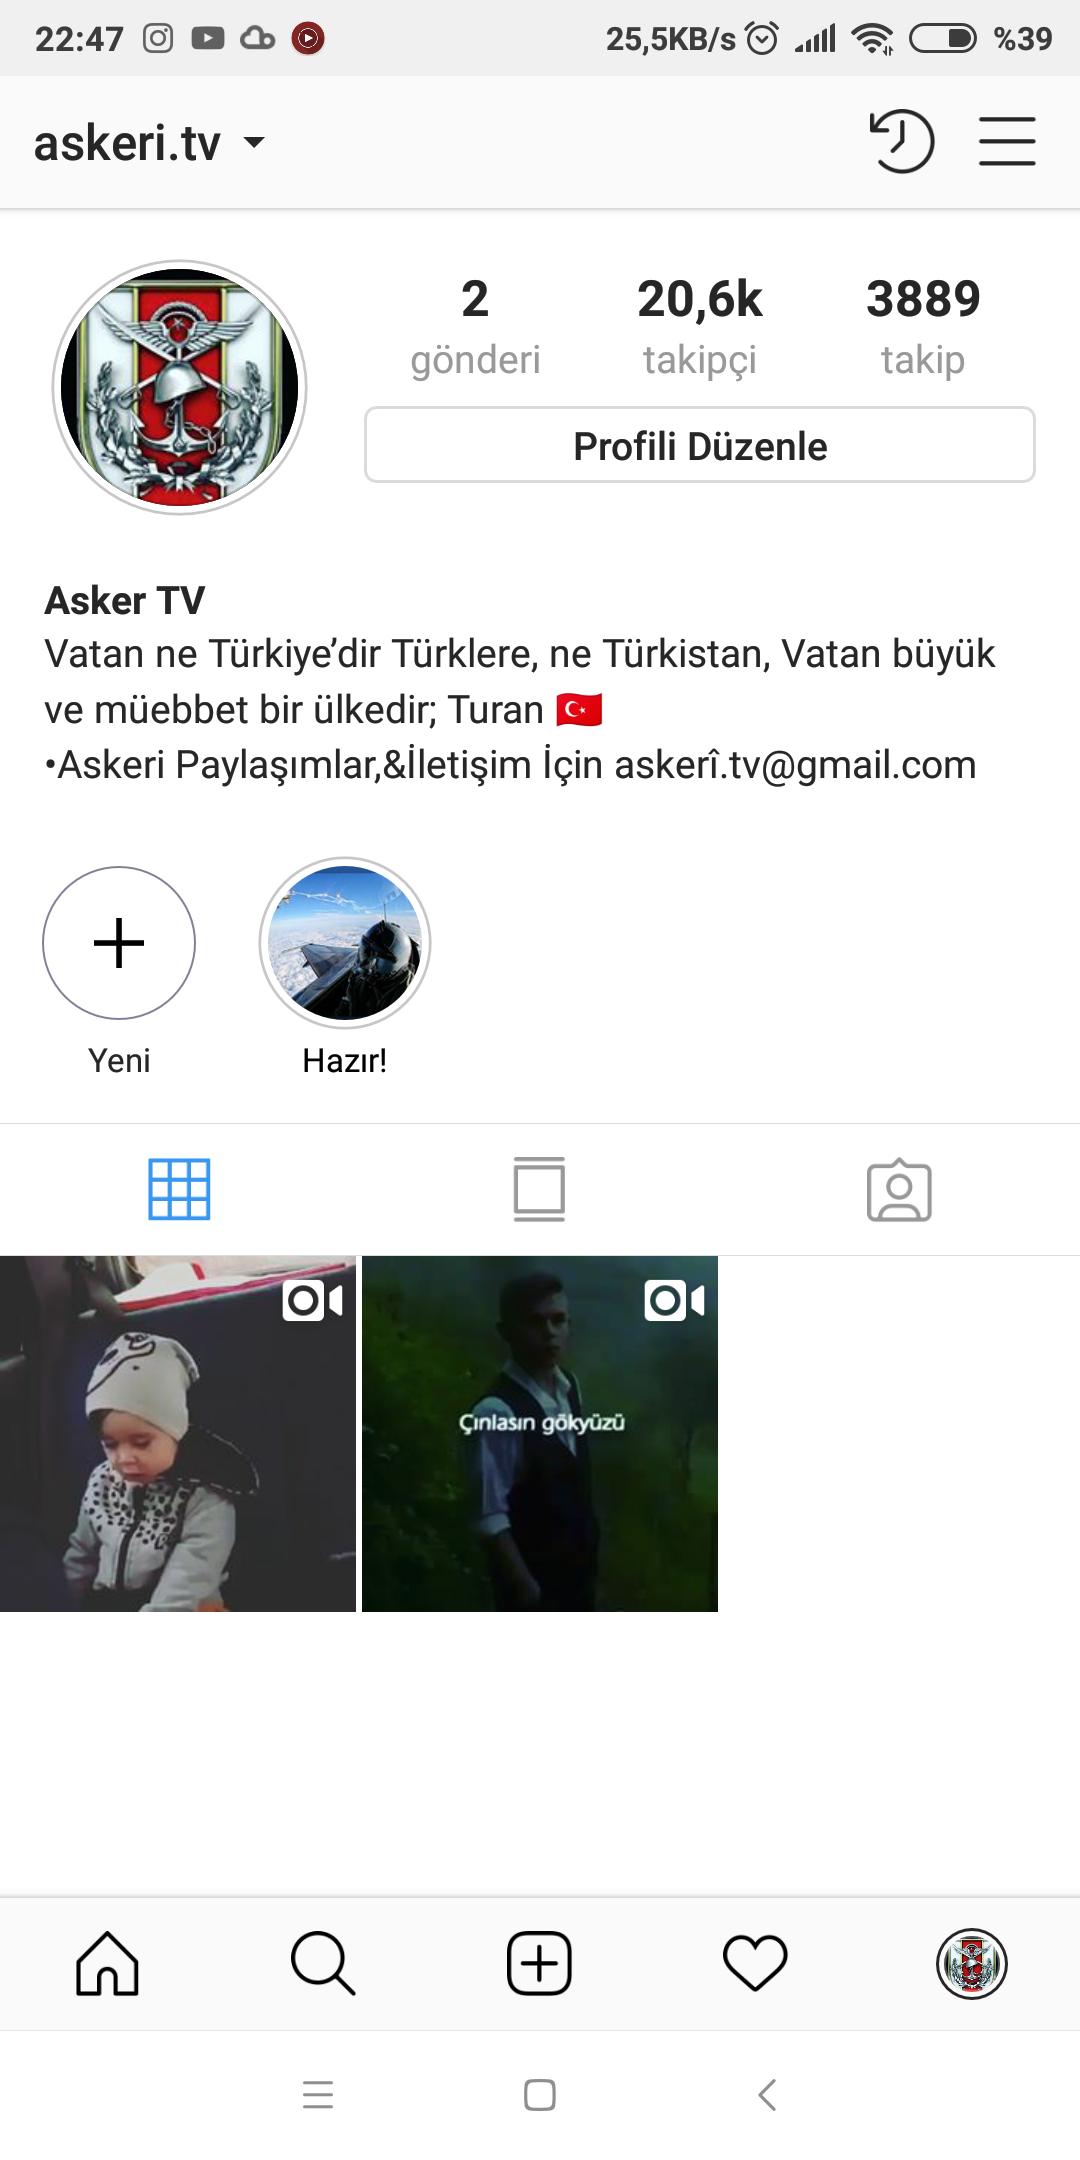 Screenshot_2018-10-24-22-47-26-717_com.instagram.android